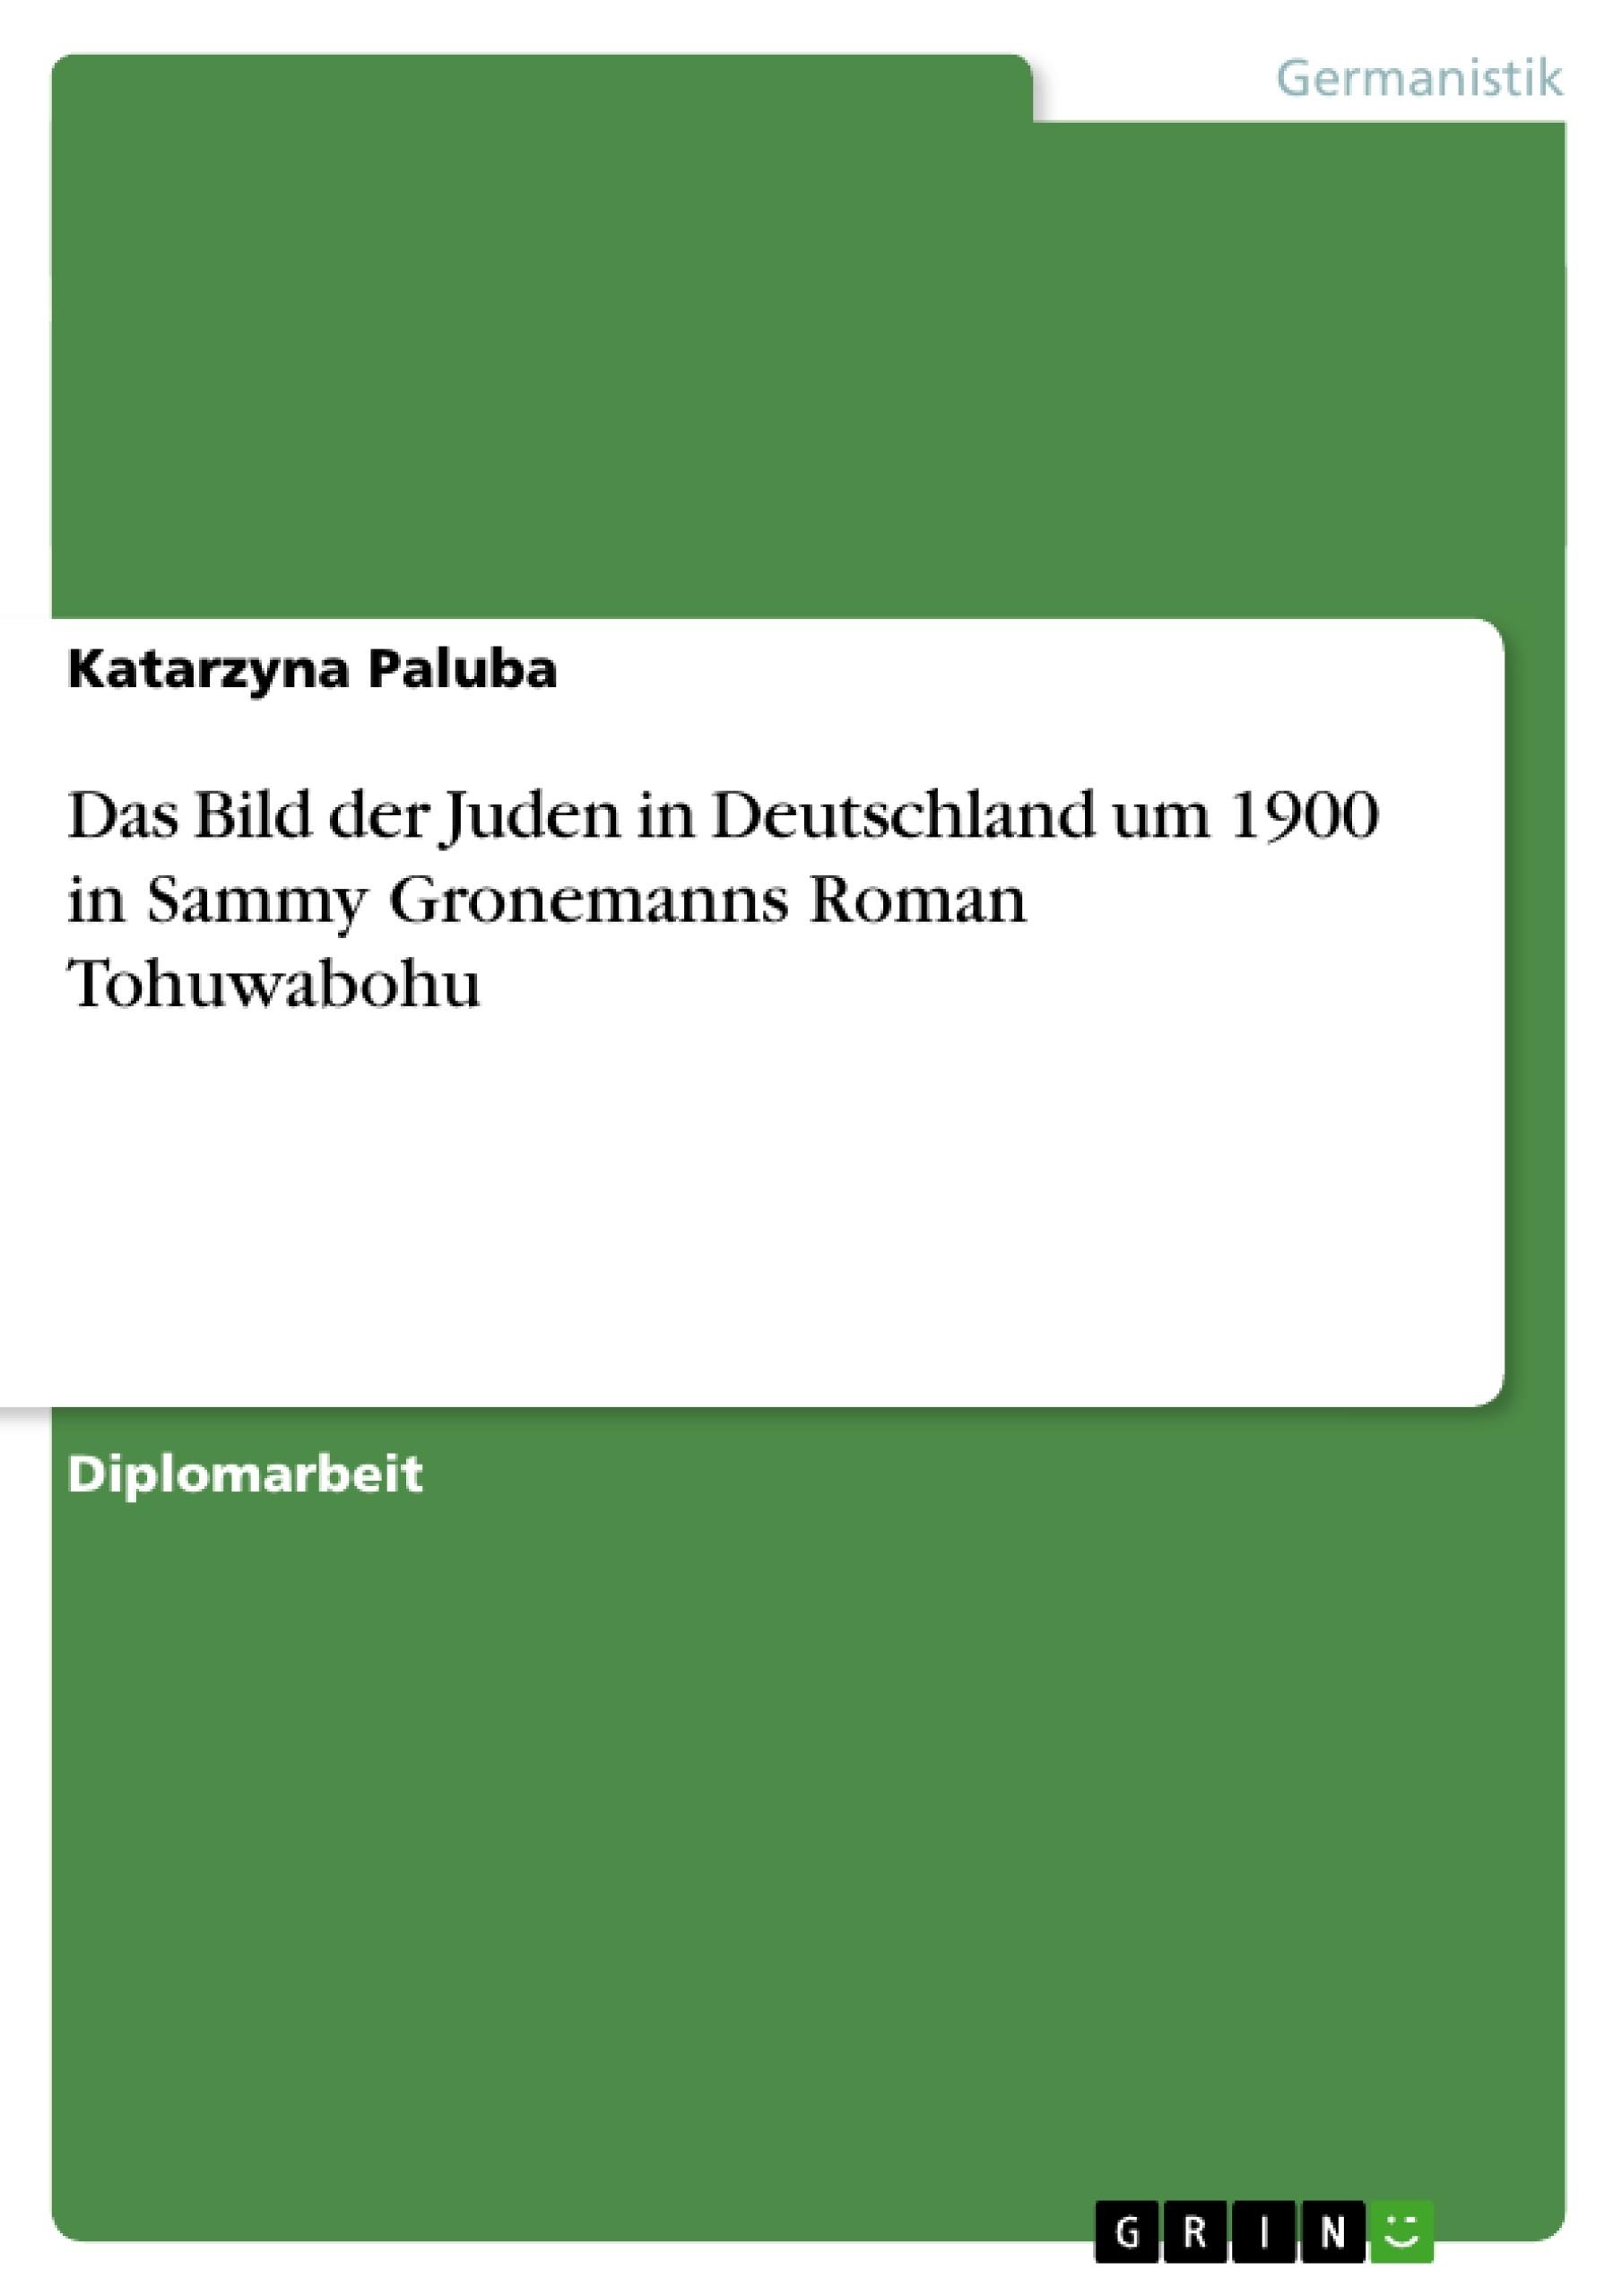 Titel: Das Bild der Juden in Deutschland um 1900 in Sammy Gronemanns Roman Tohuwabohu